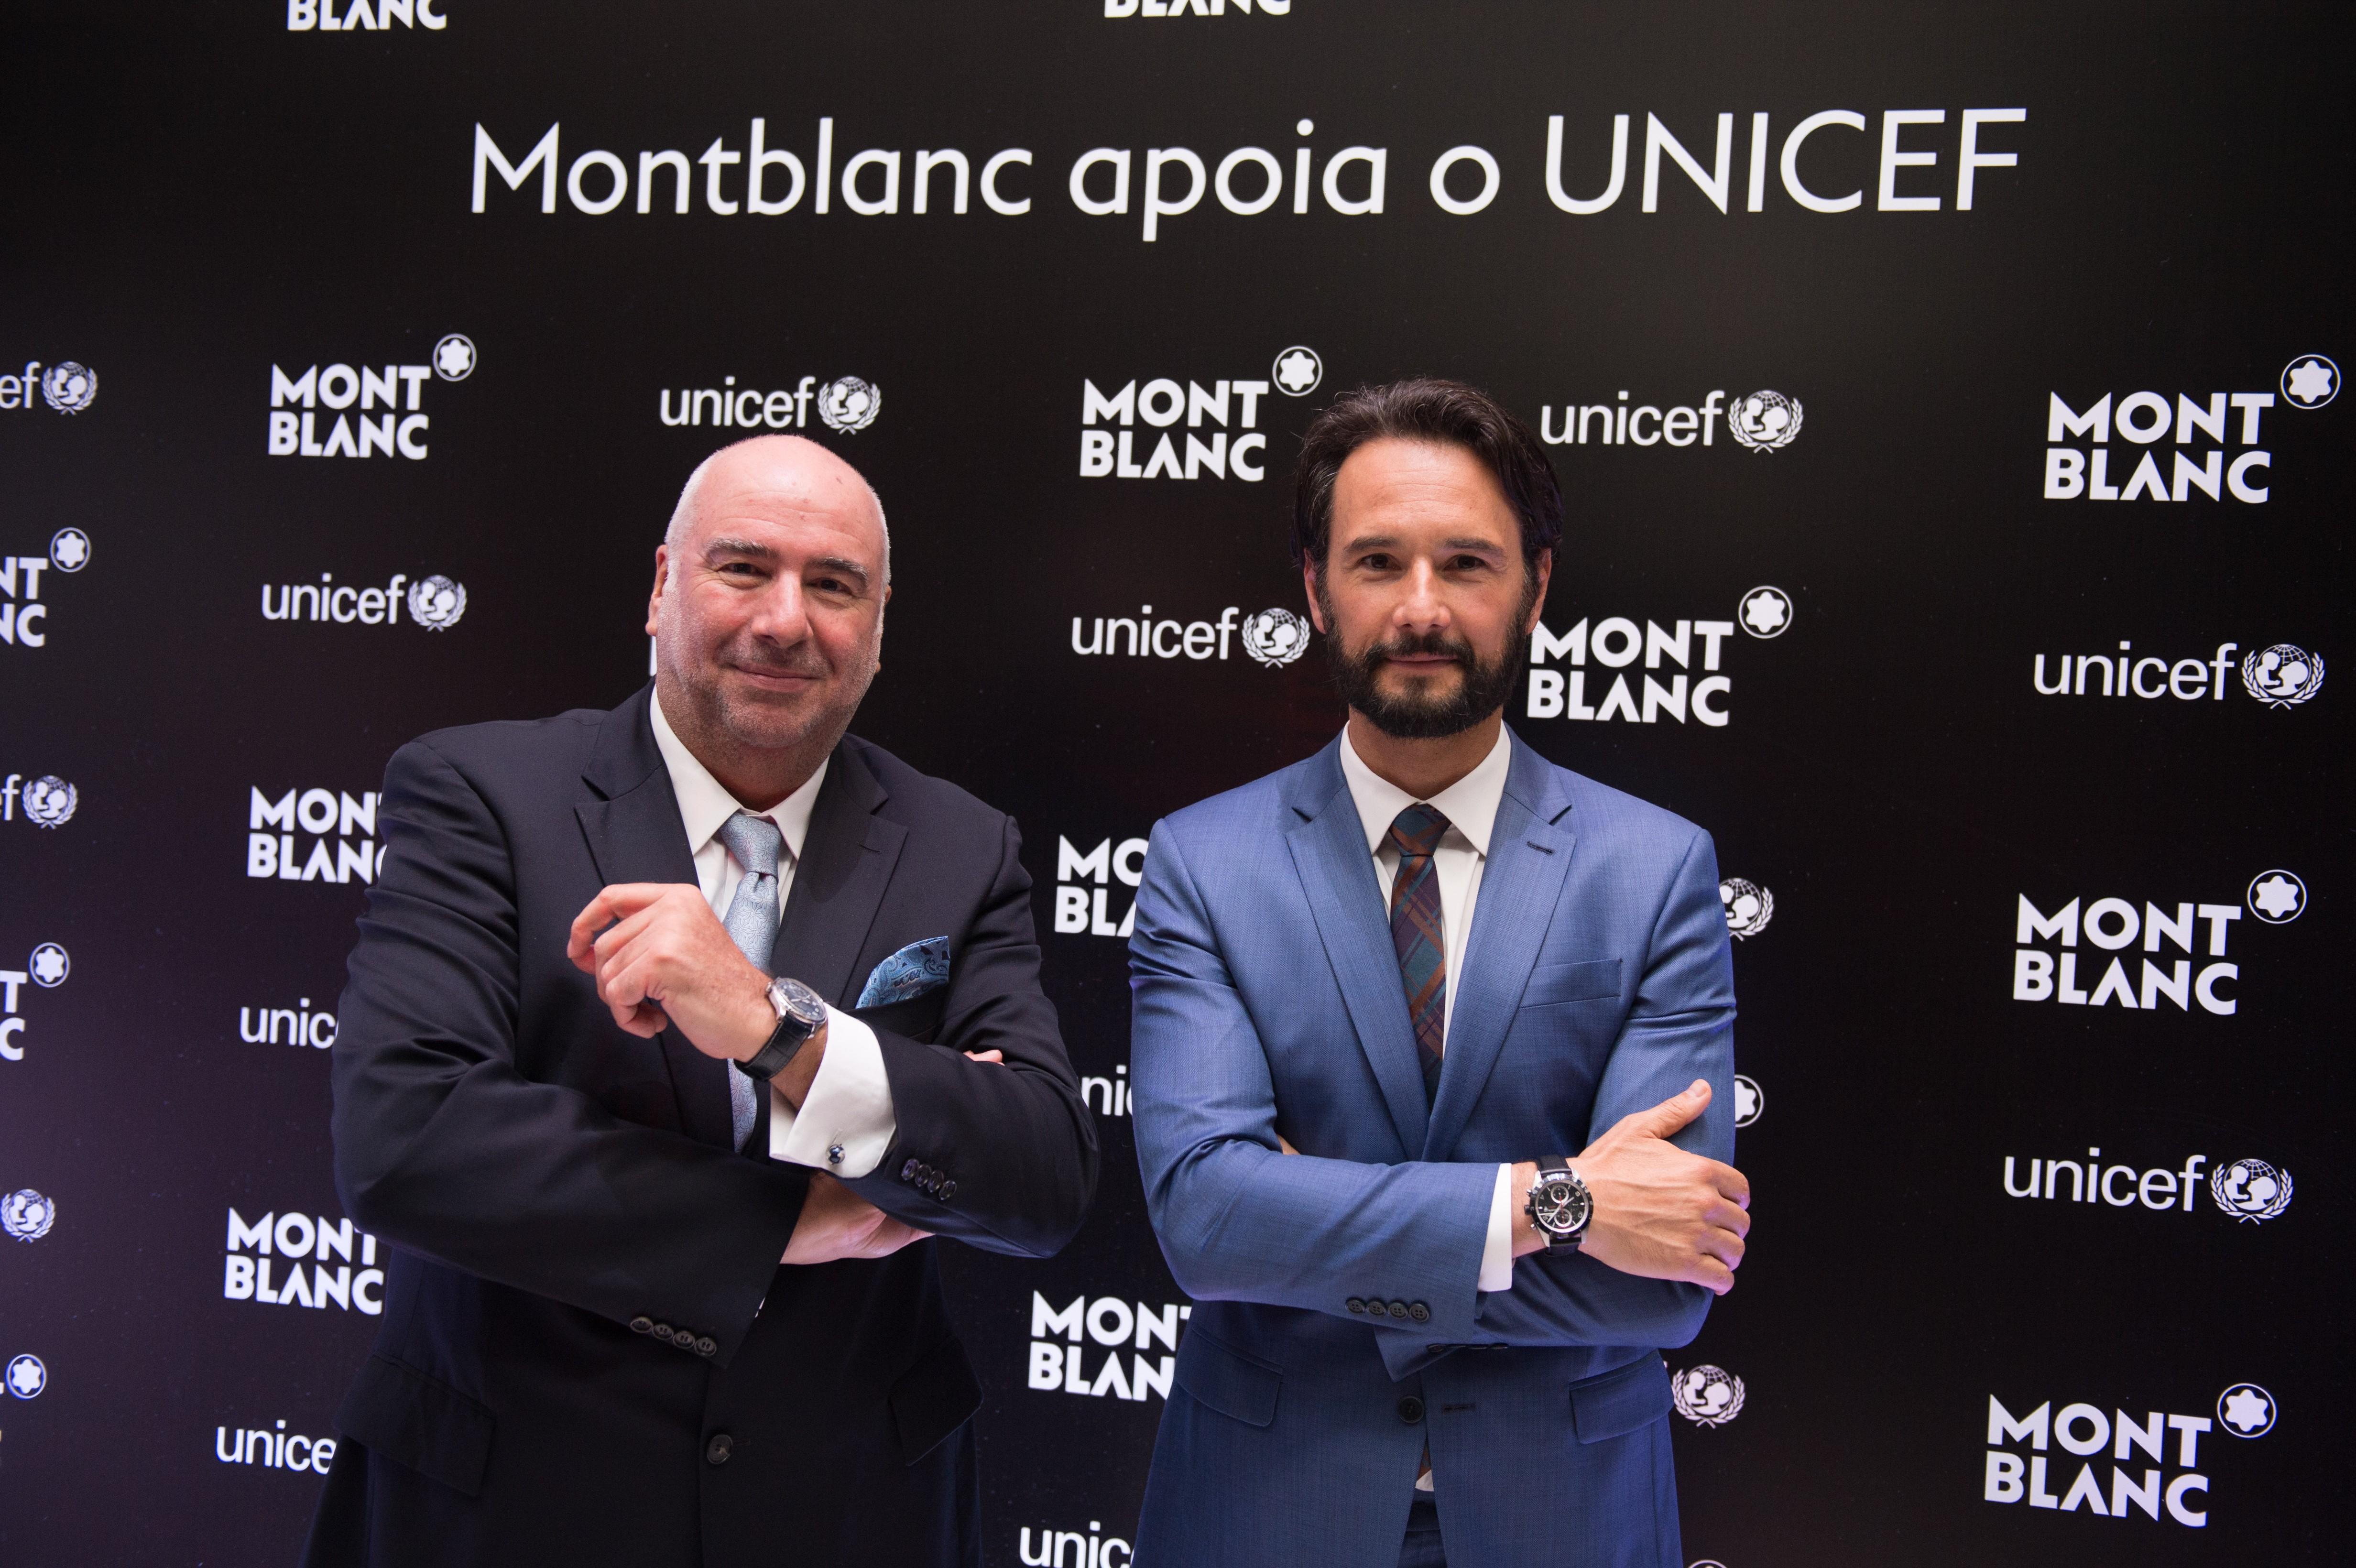 Entre os presentes no evento estavam o embaixador da Montblanc no Brasil Rodrigo Santoro e o diretor geral da marca no Brasil, Alain dos Santos (Foto: Divulgação)